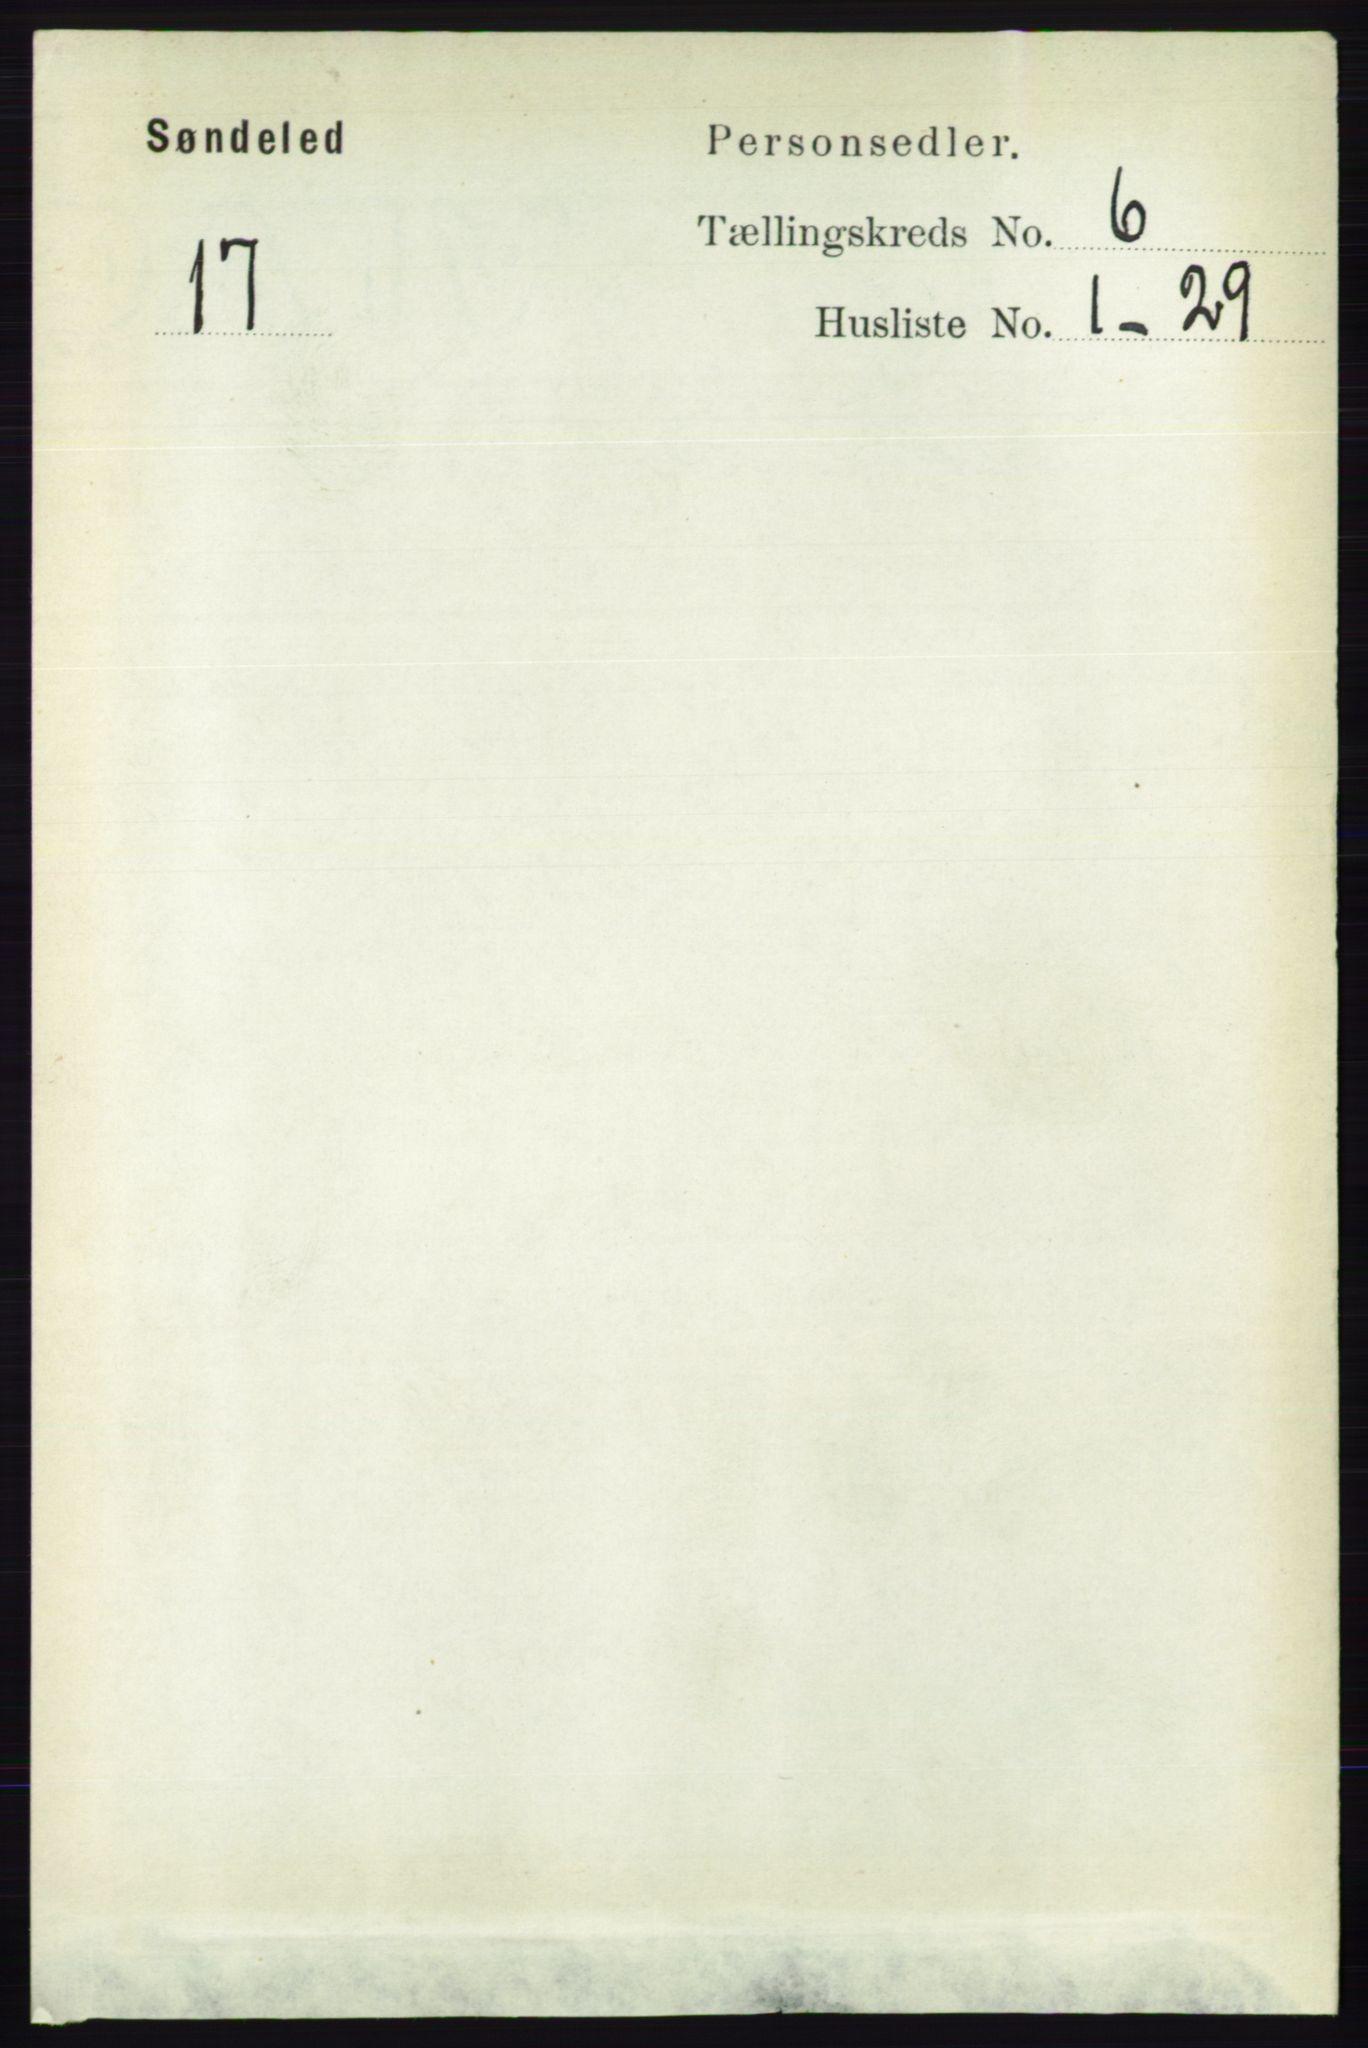 RA, Folketelling 1891 for 0913 Søndeled herred, 1891, s. 1813